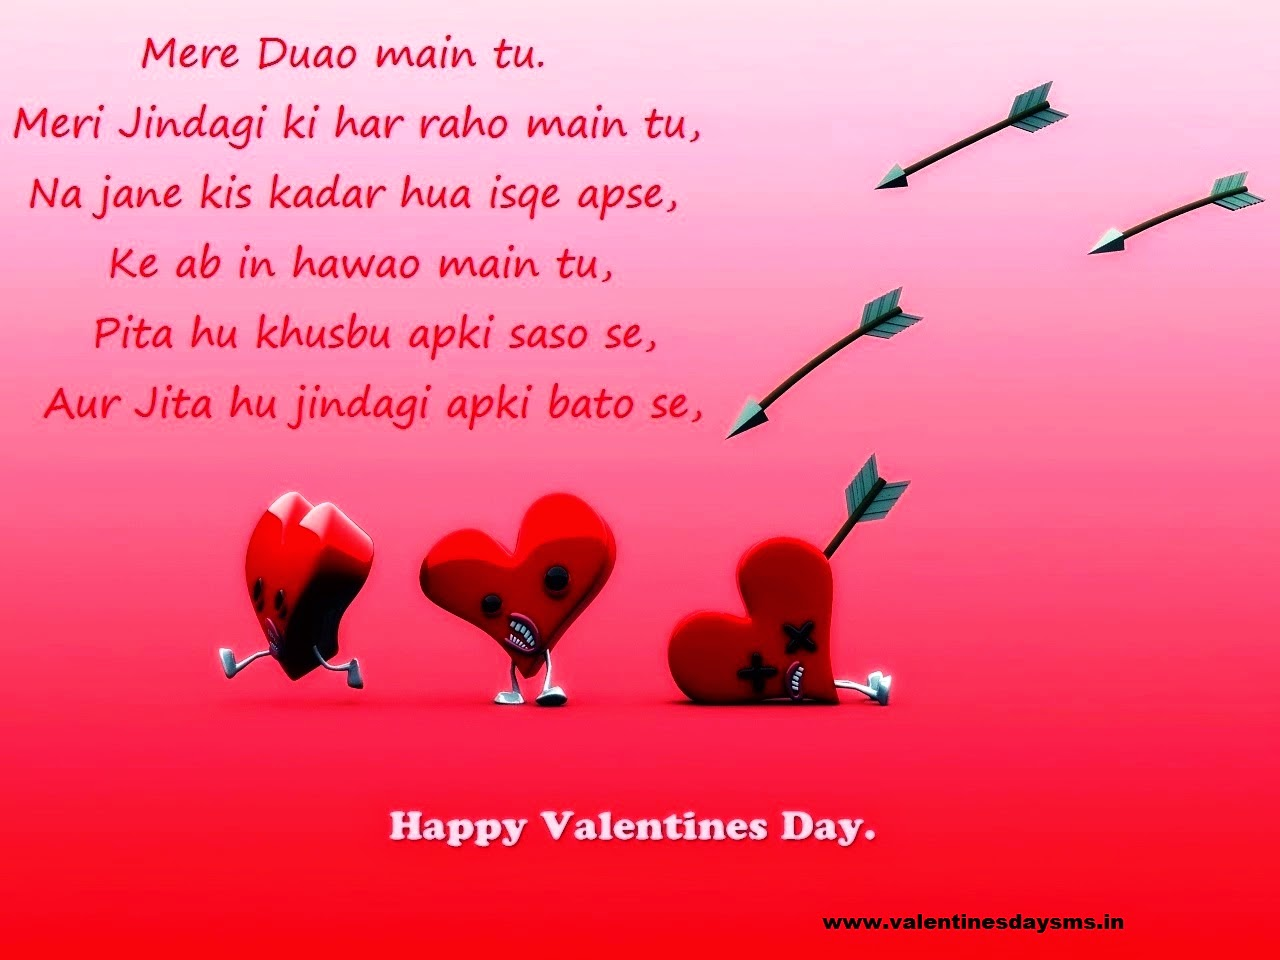 Hindi Shayari Best Collection Of Hindi Shayari Quotes